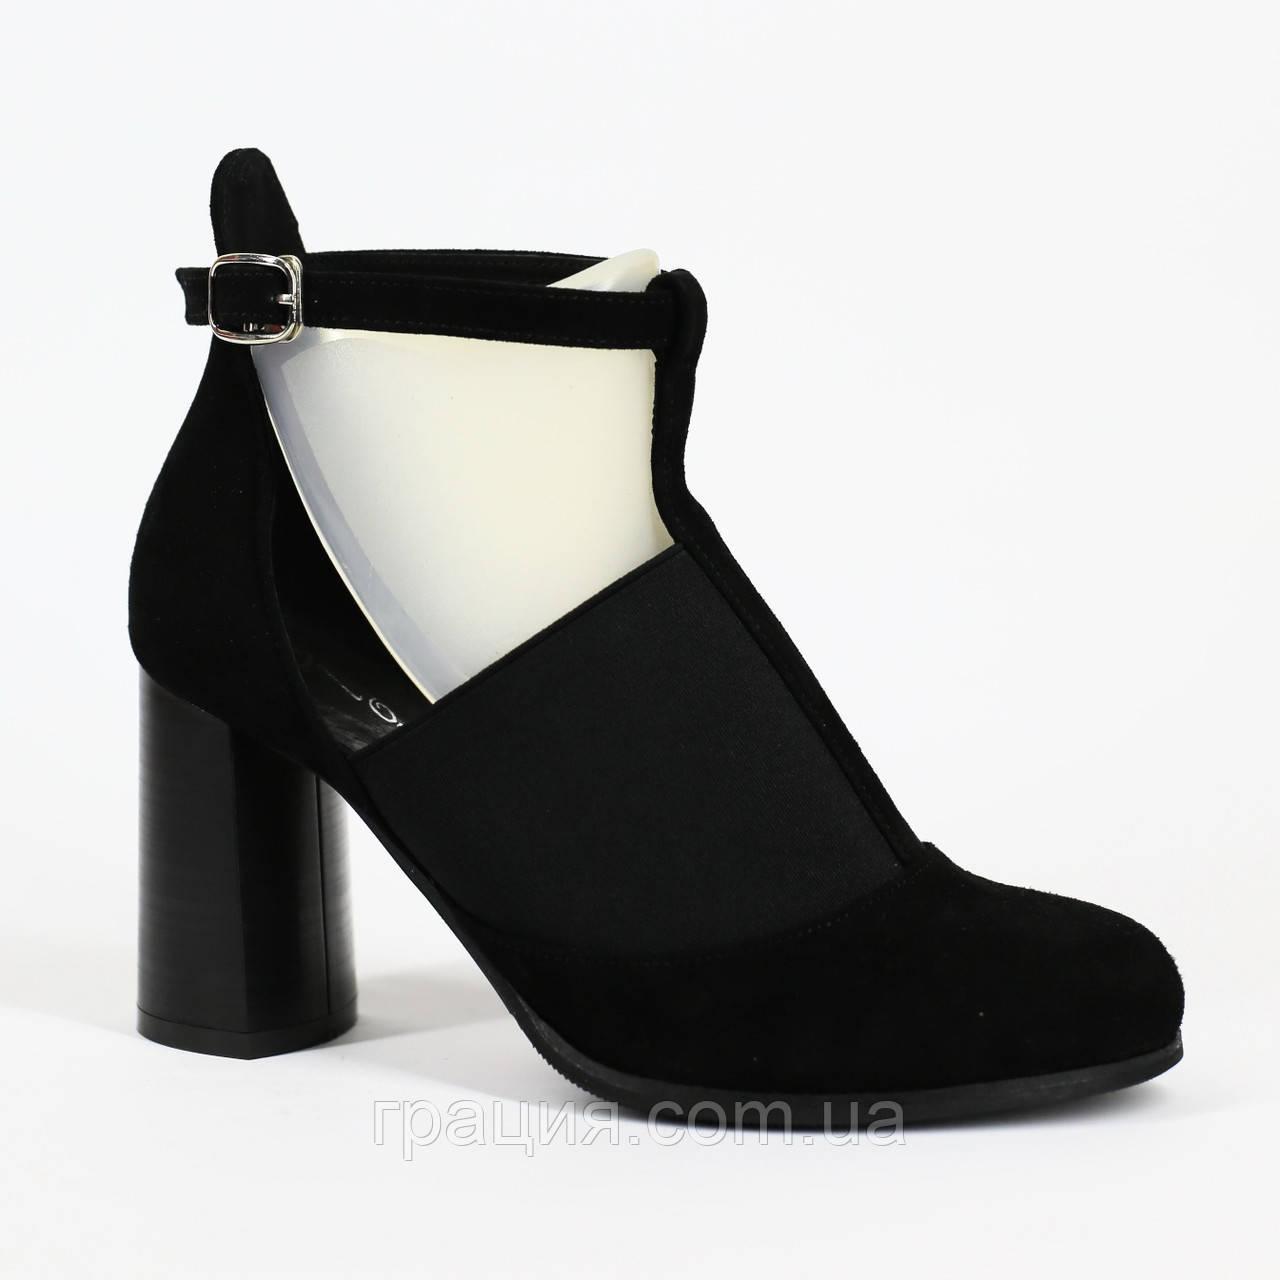 Женские элегантные туфли замшевые натуральные на каблуке с ремешком